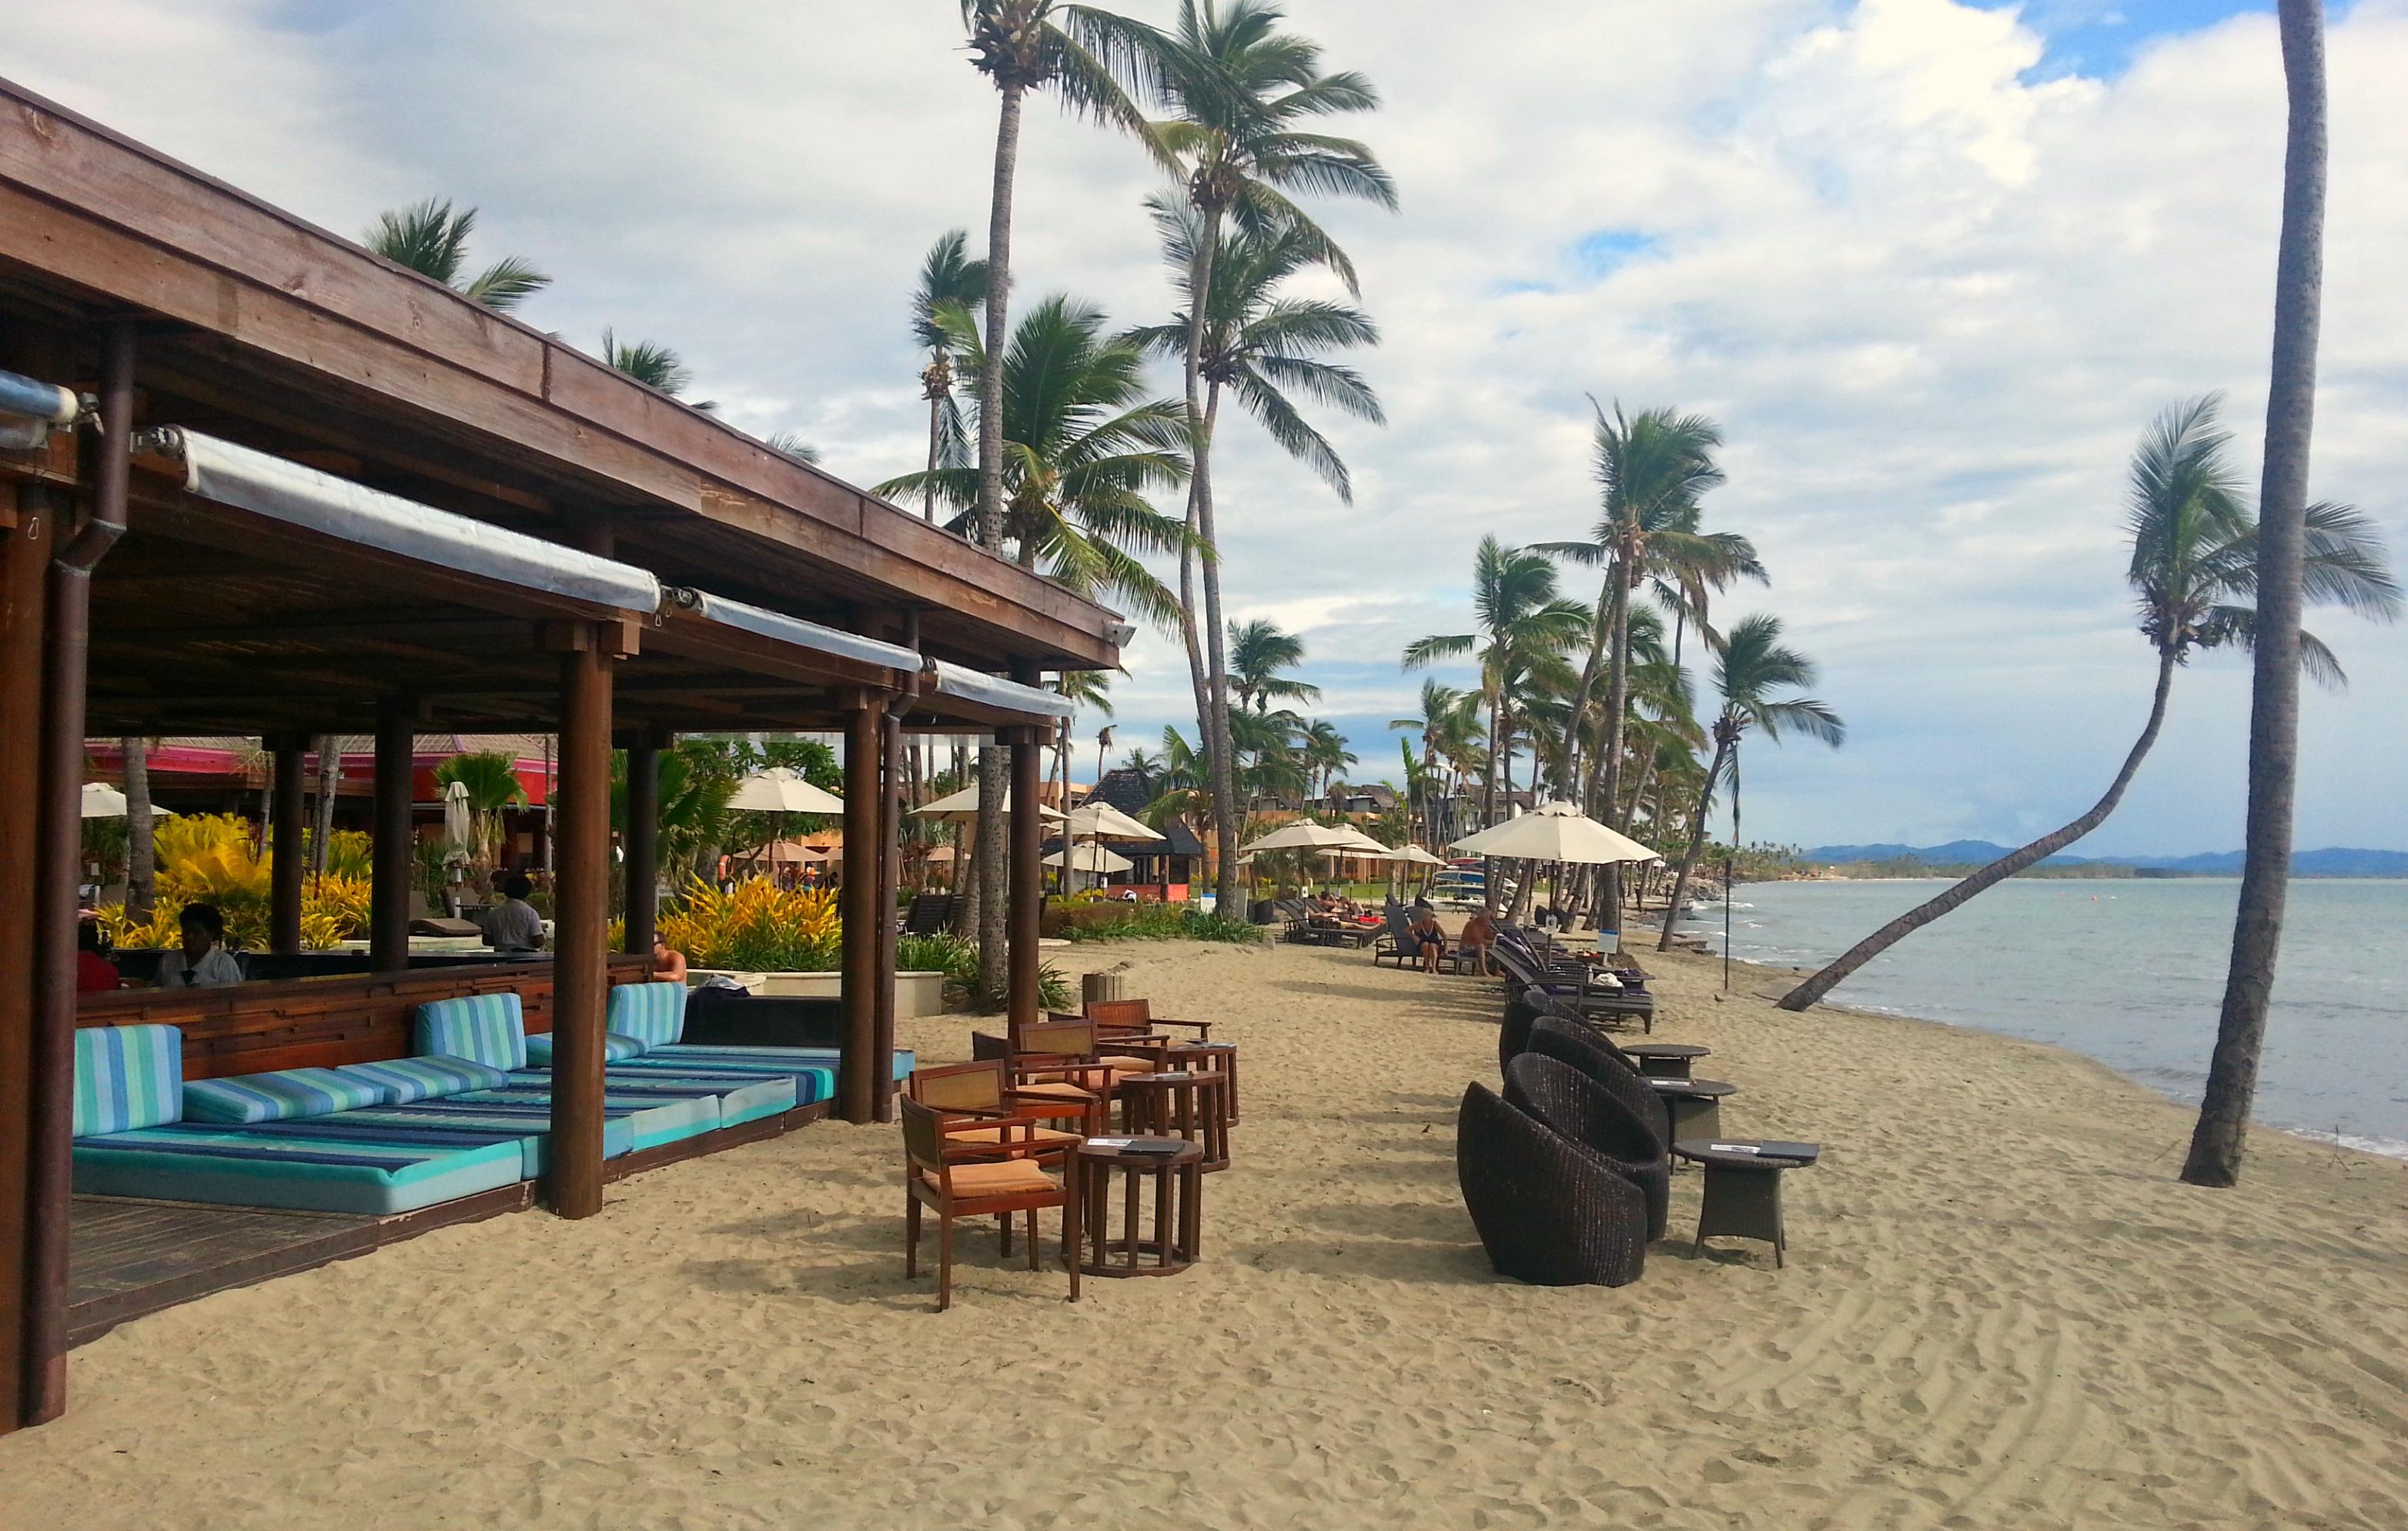 Beach Resorts In Pondicherry Trivago